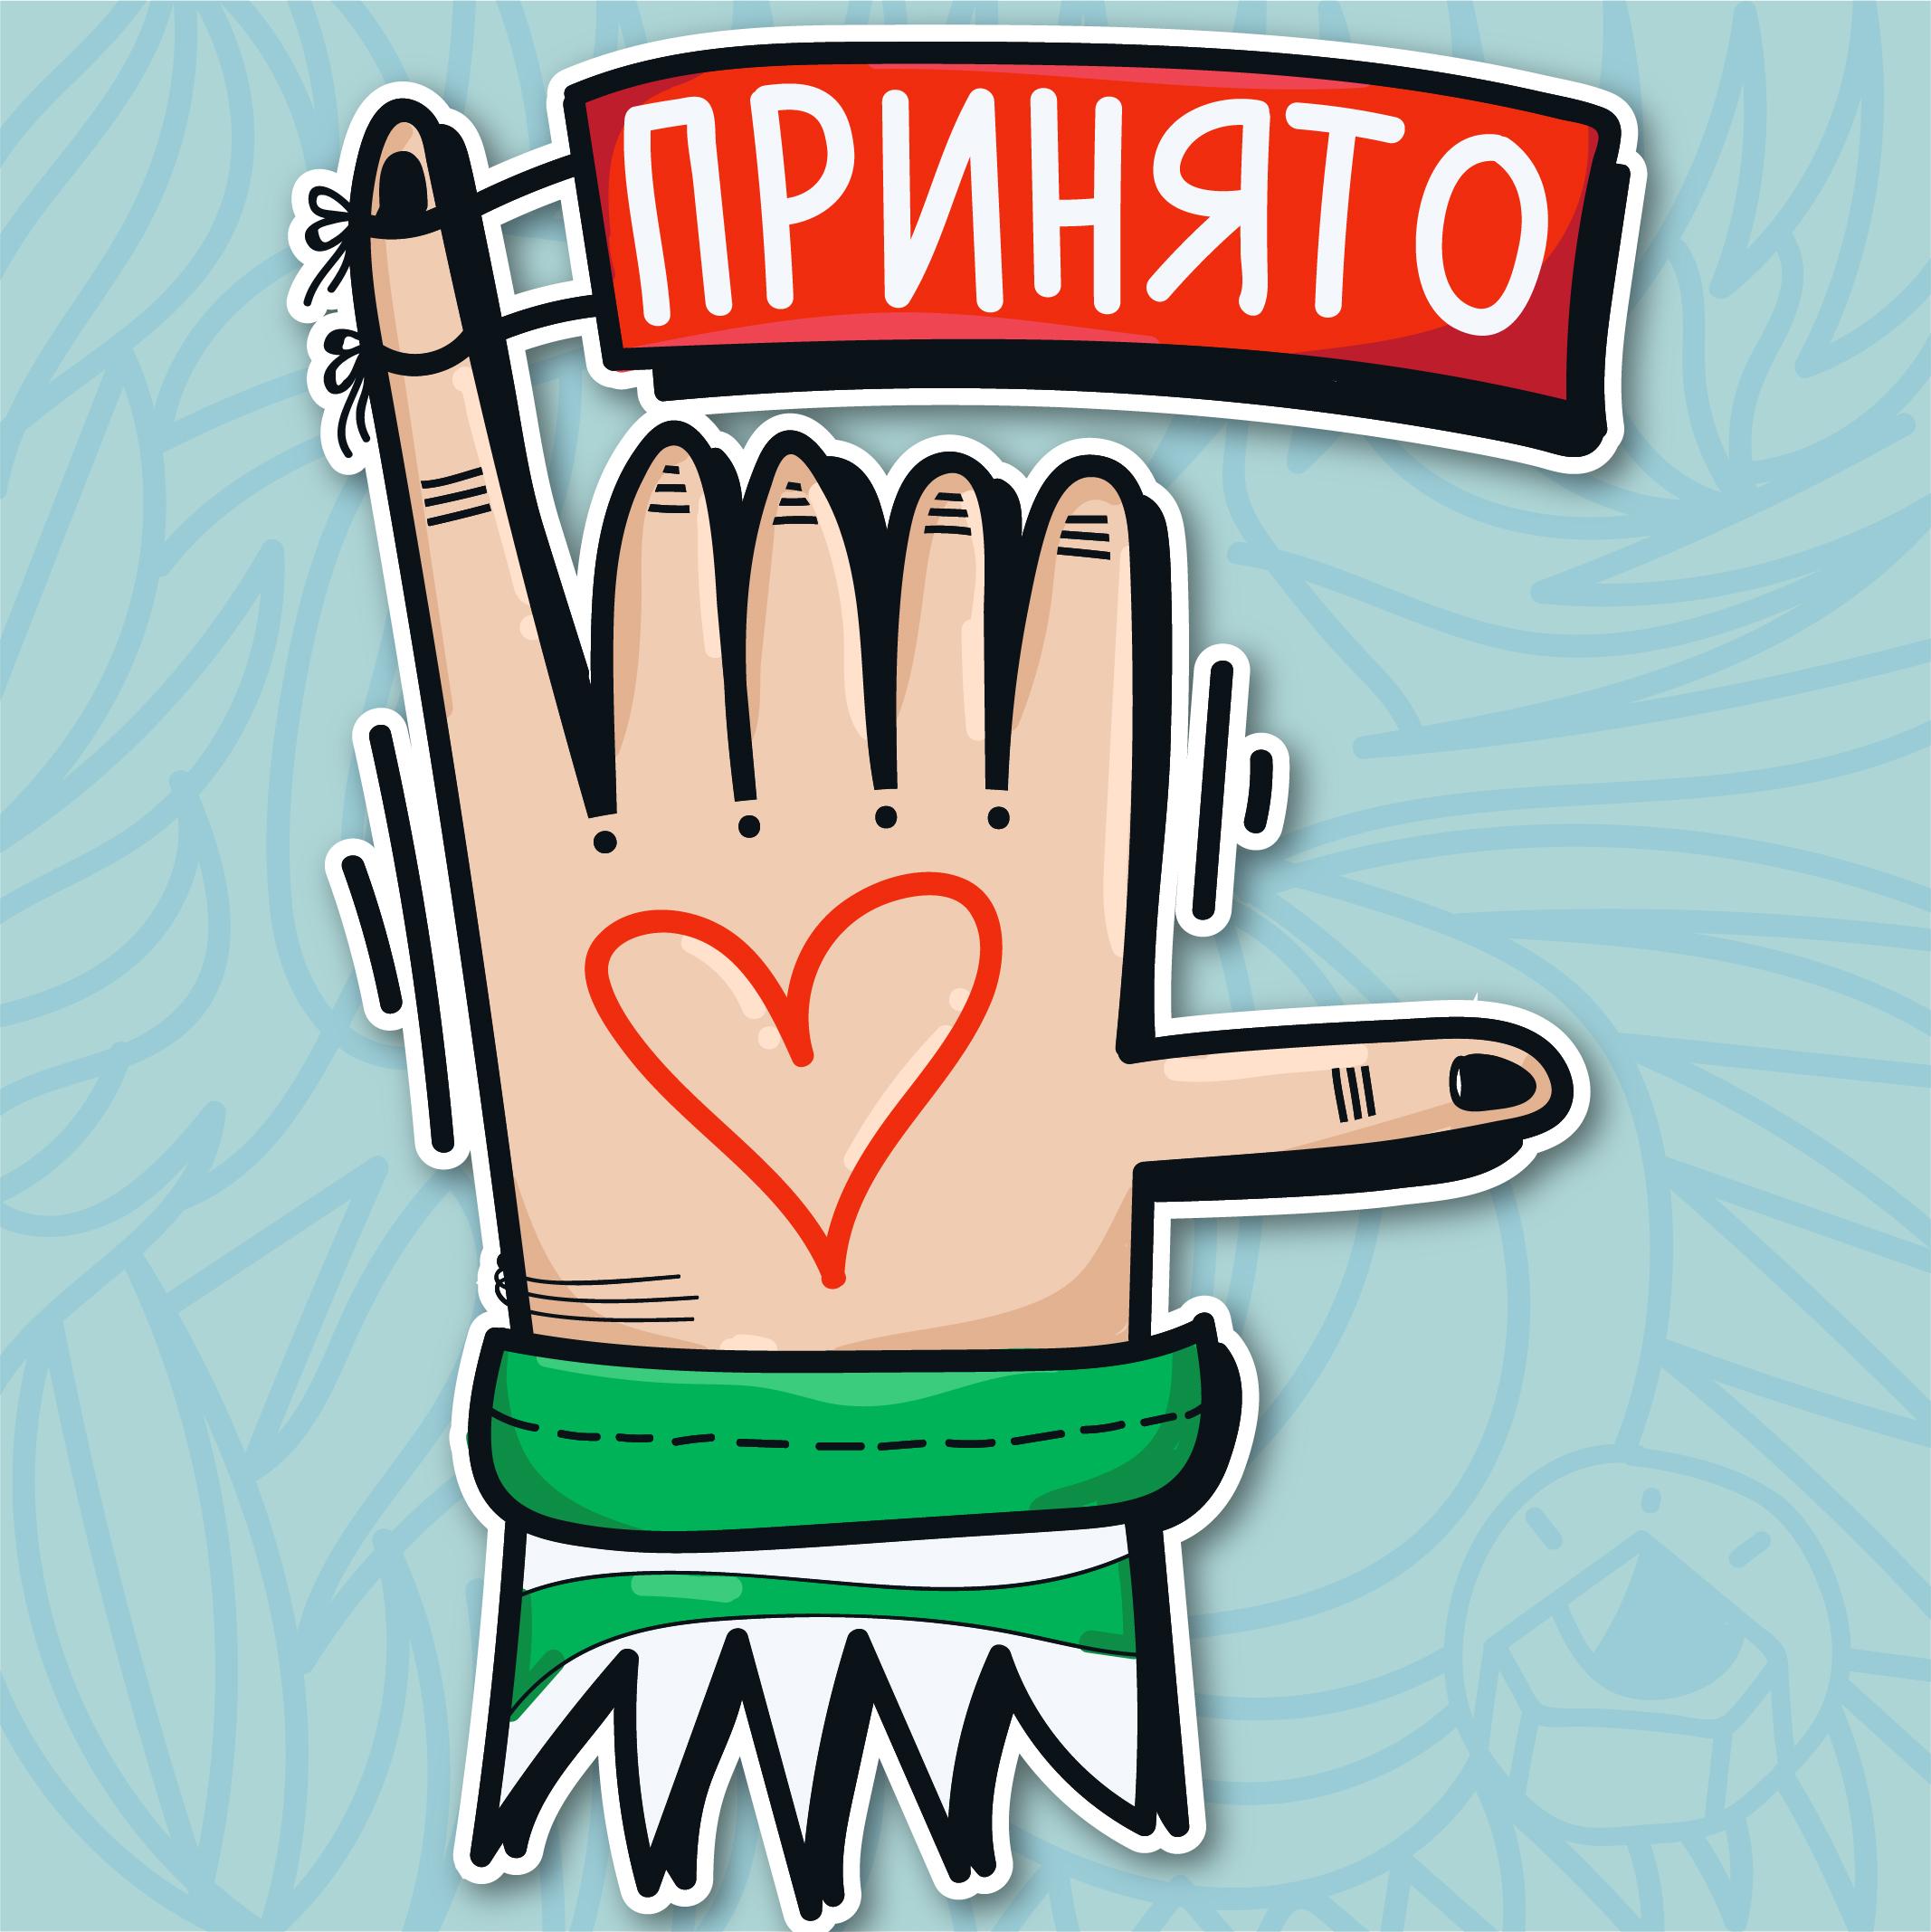 Стикерпаки на день фриланса для FL.ru фото f_6725cd7f83124fbf.jpg